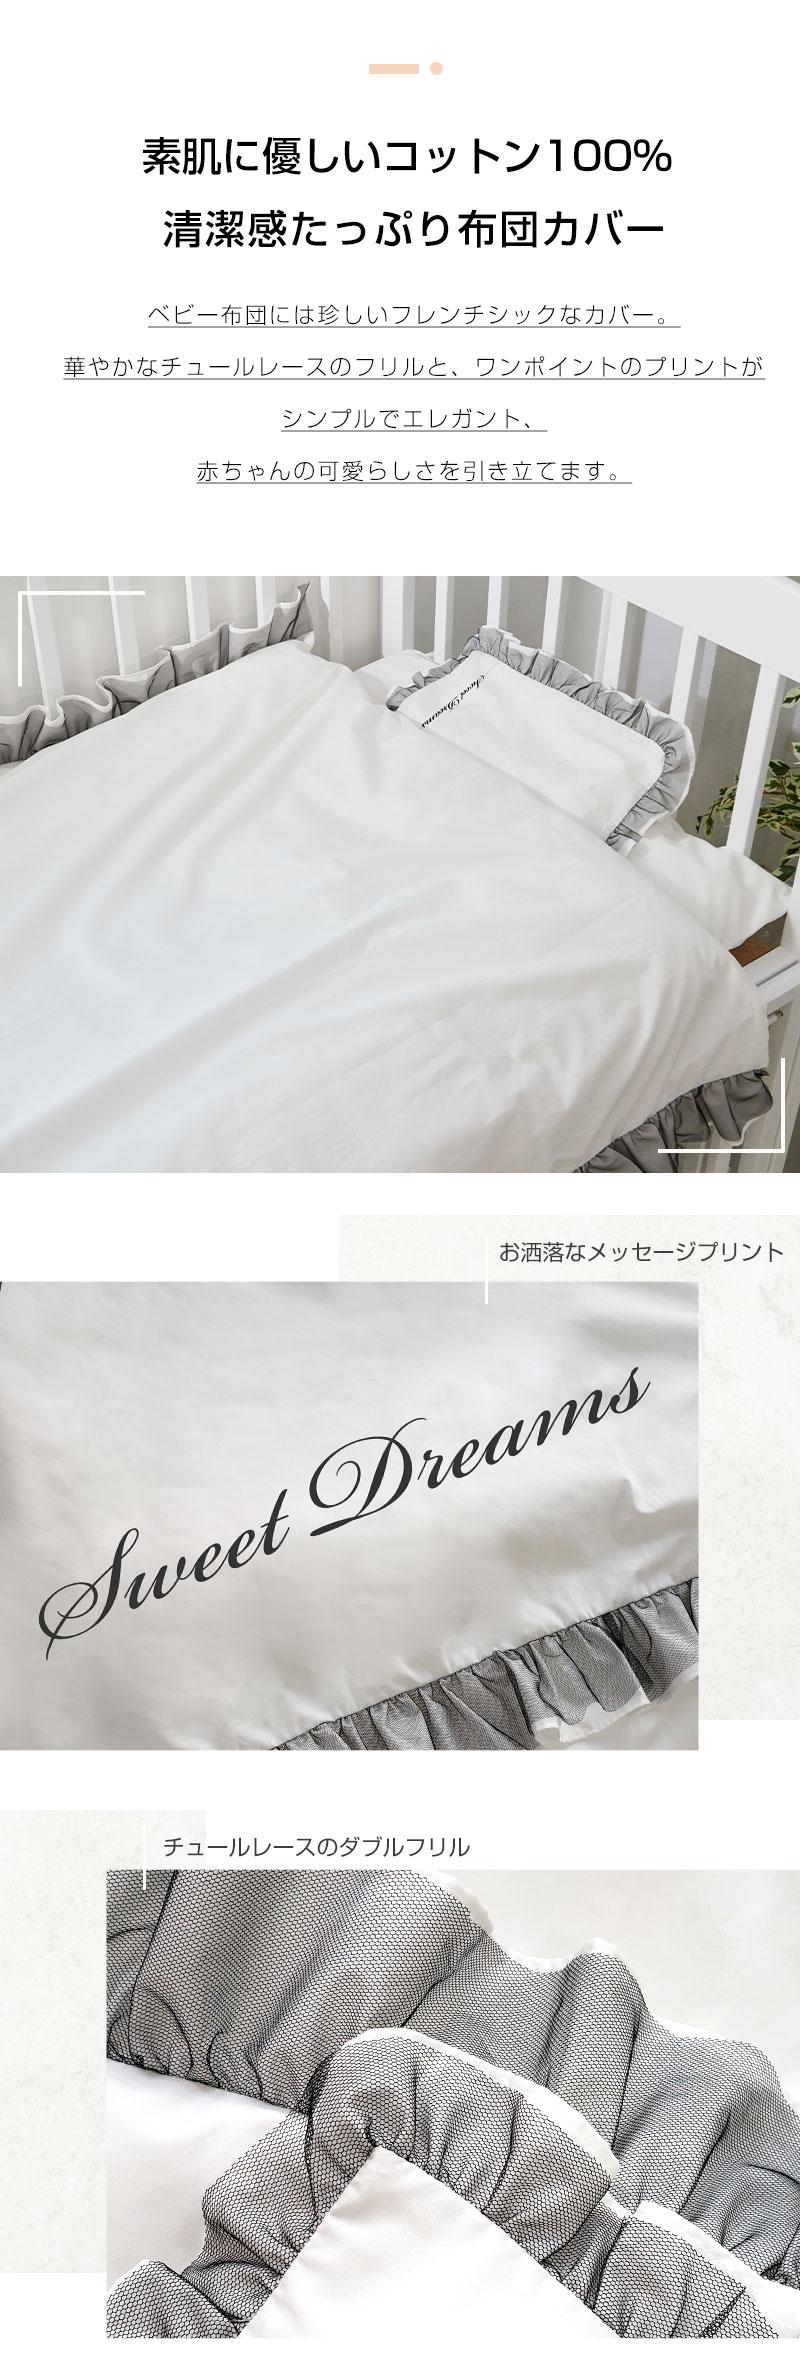 ベビー布団 エレガント お布団セット 組布団 丸洗い ヌード布団 日本製